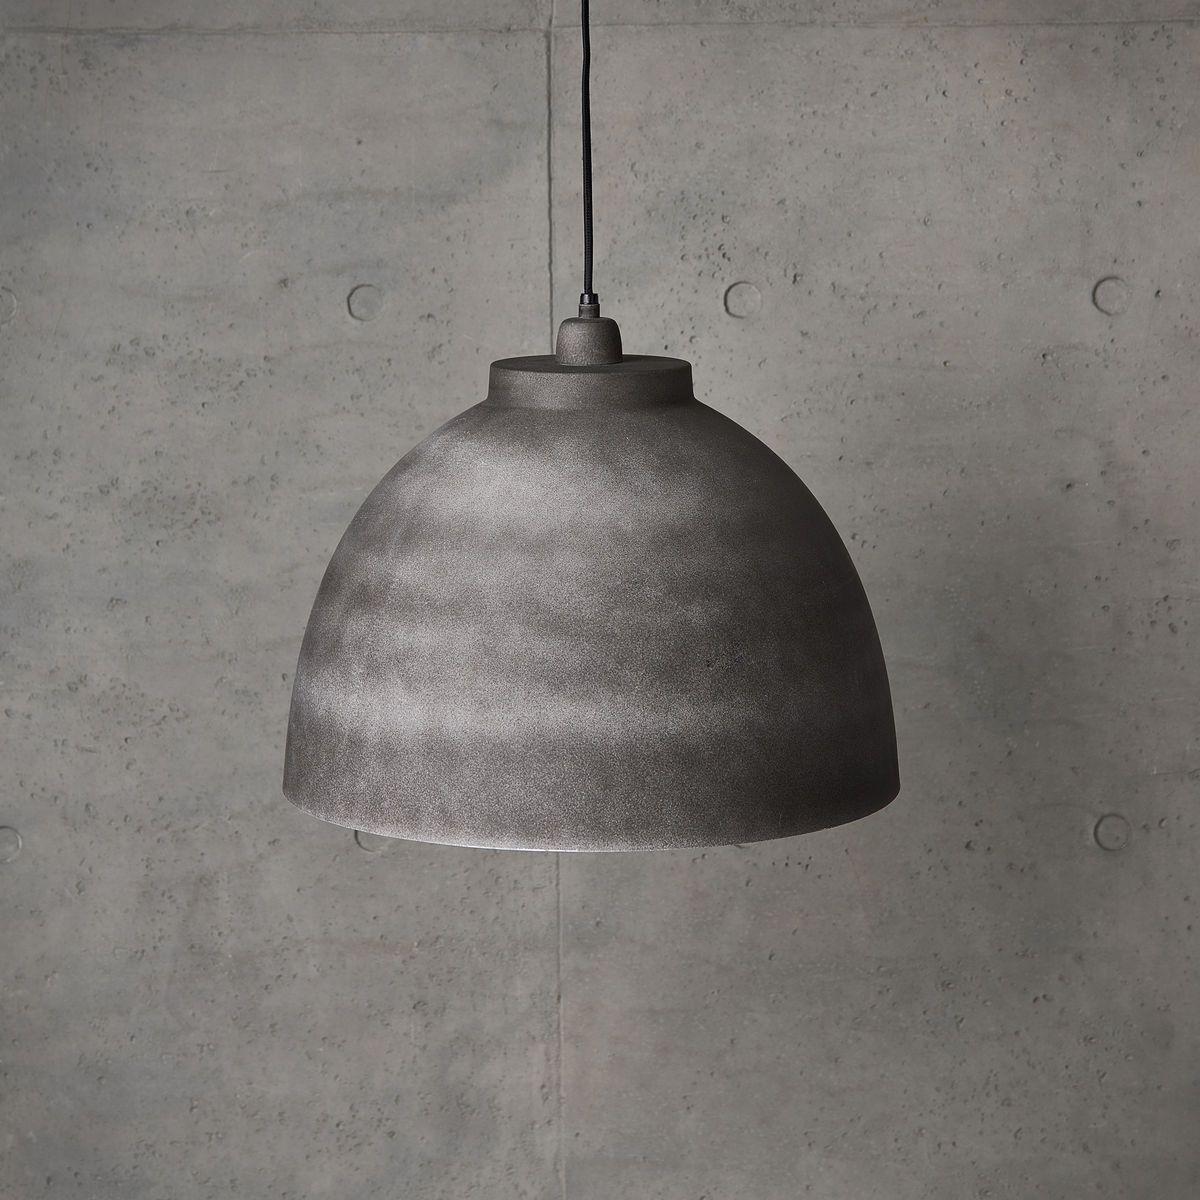 Cement Hangeleuchte Mit Bildern Hangeleuchte Pendelleuchte Design Lampen